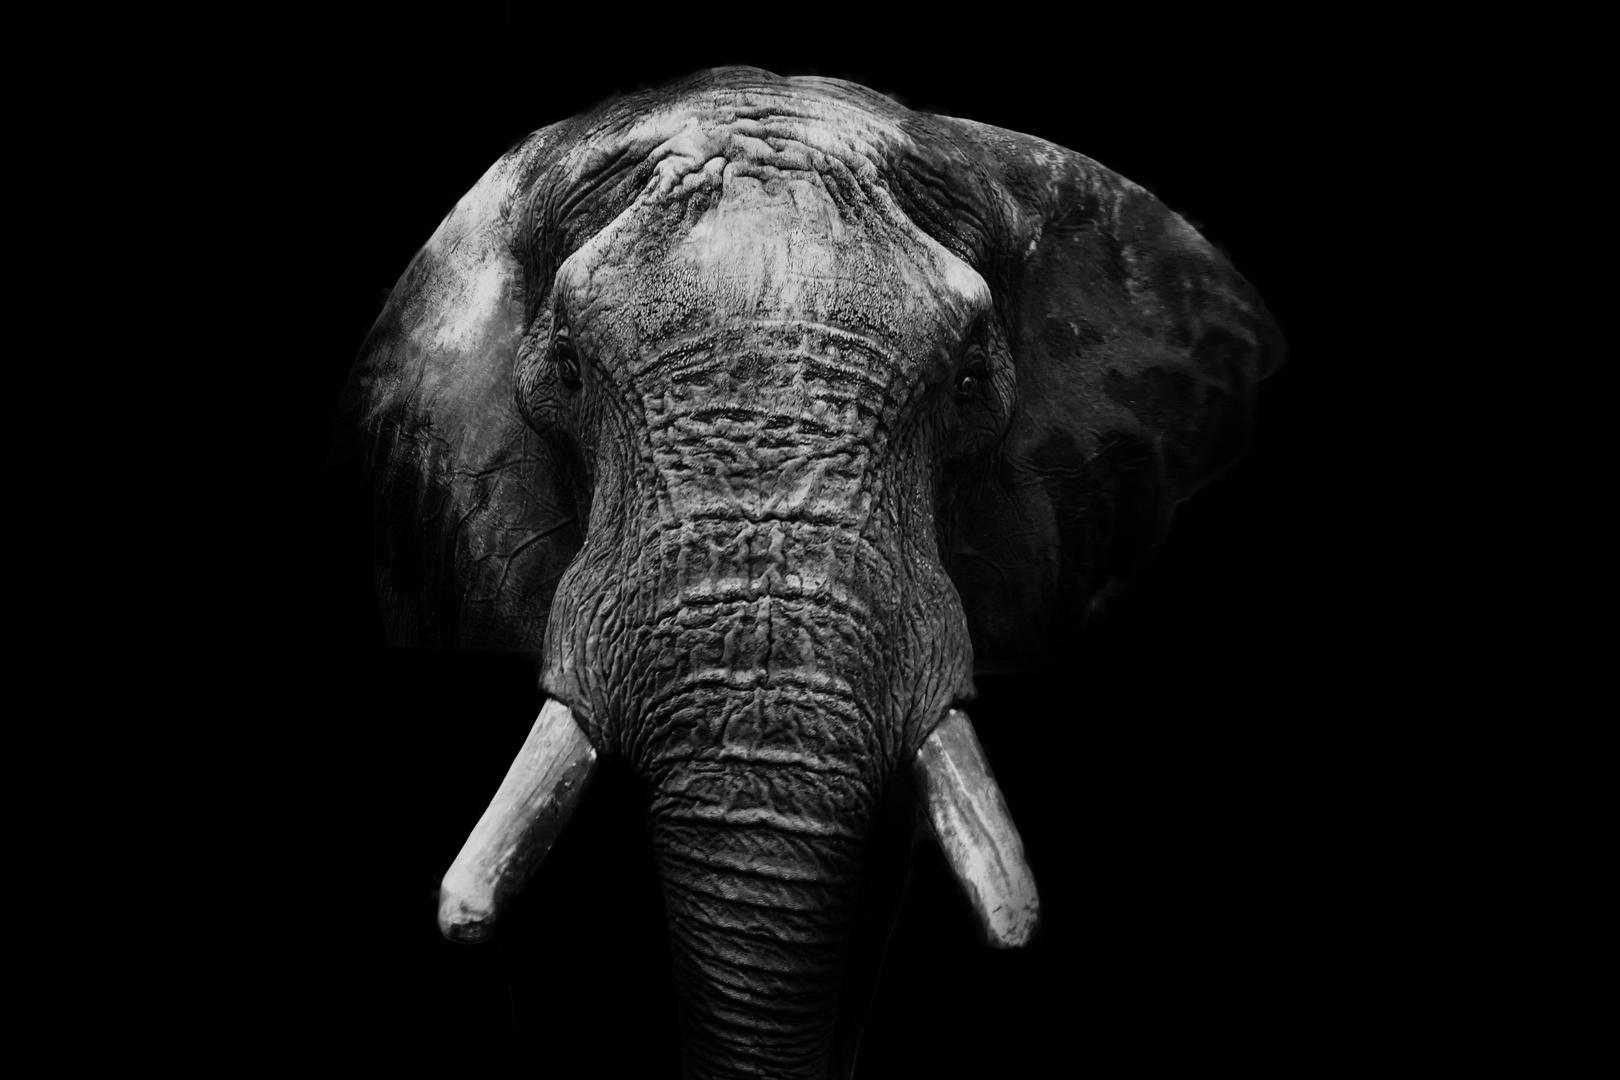 Elefant In Schwarz Weiß Foto Bild Tiere Elefant Bw Bilder Auf